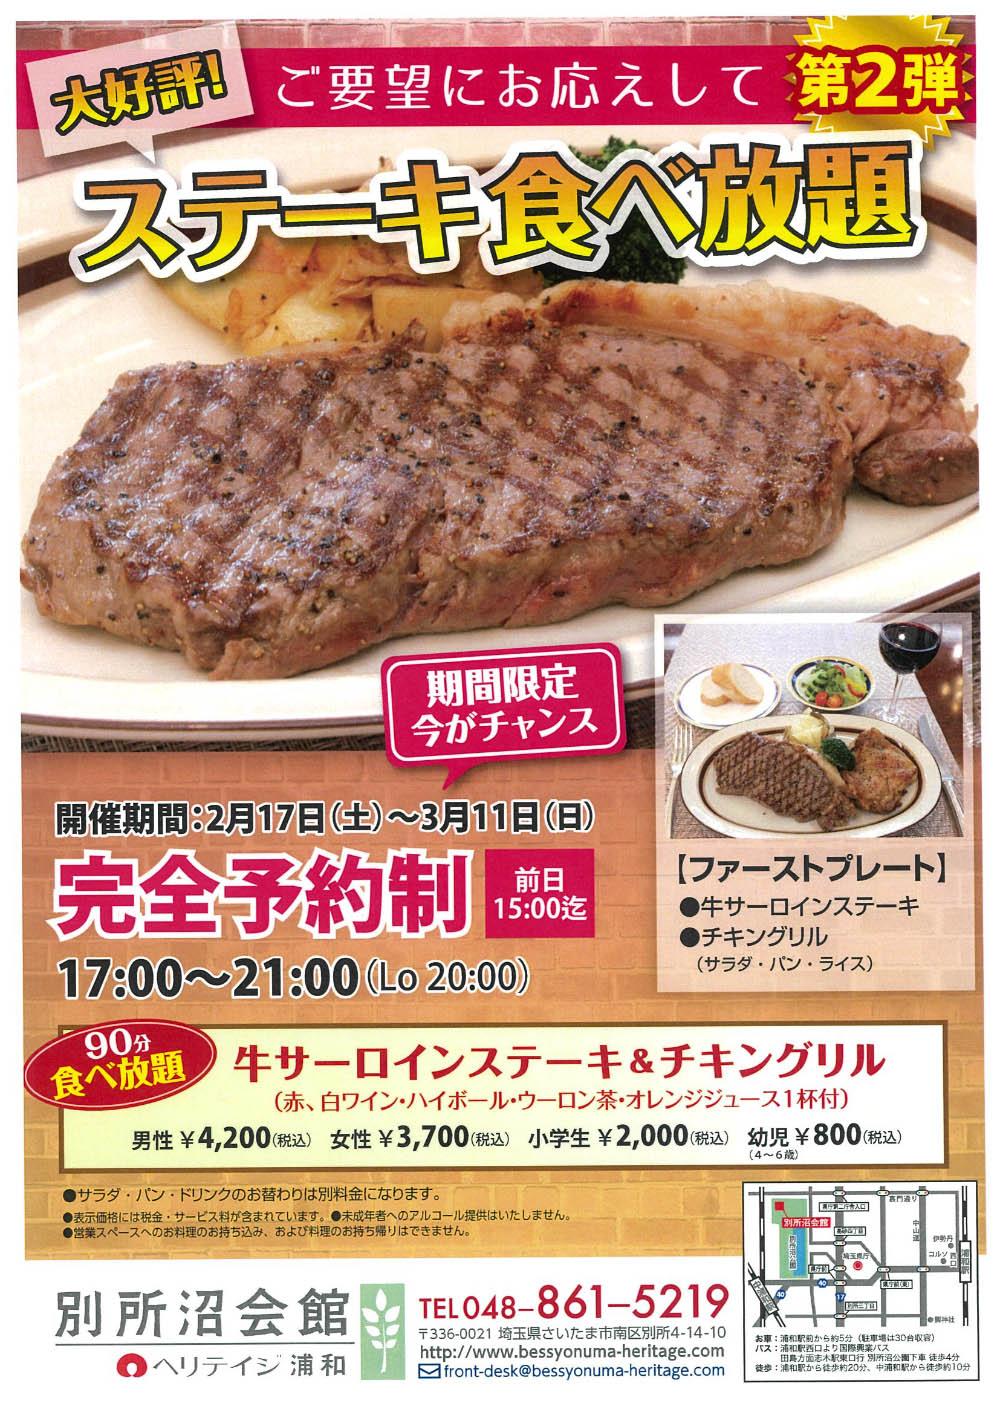 埼玉県の別所沼会館でサーロインステーキが4200円で食べ放題。2/17~3/11。